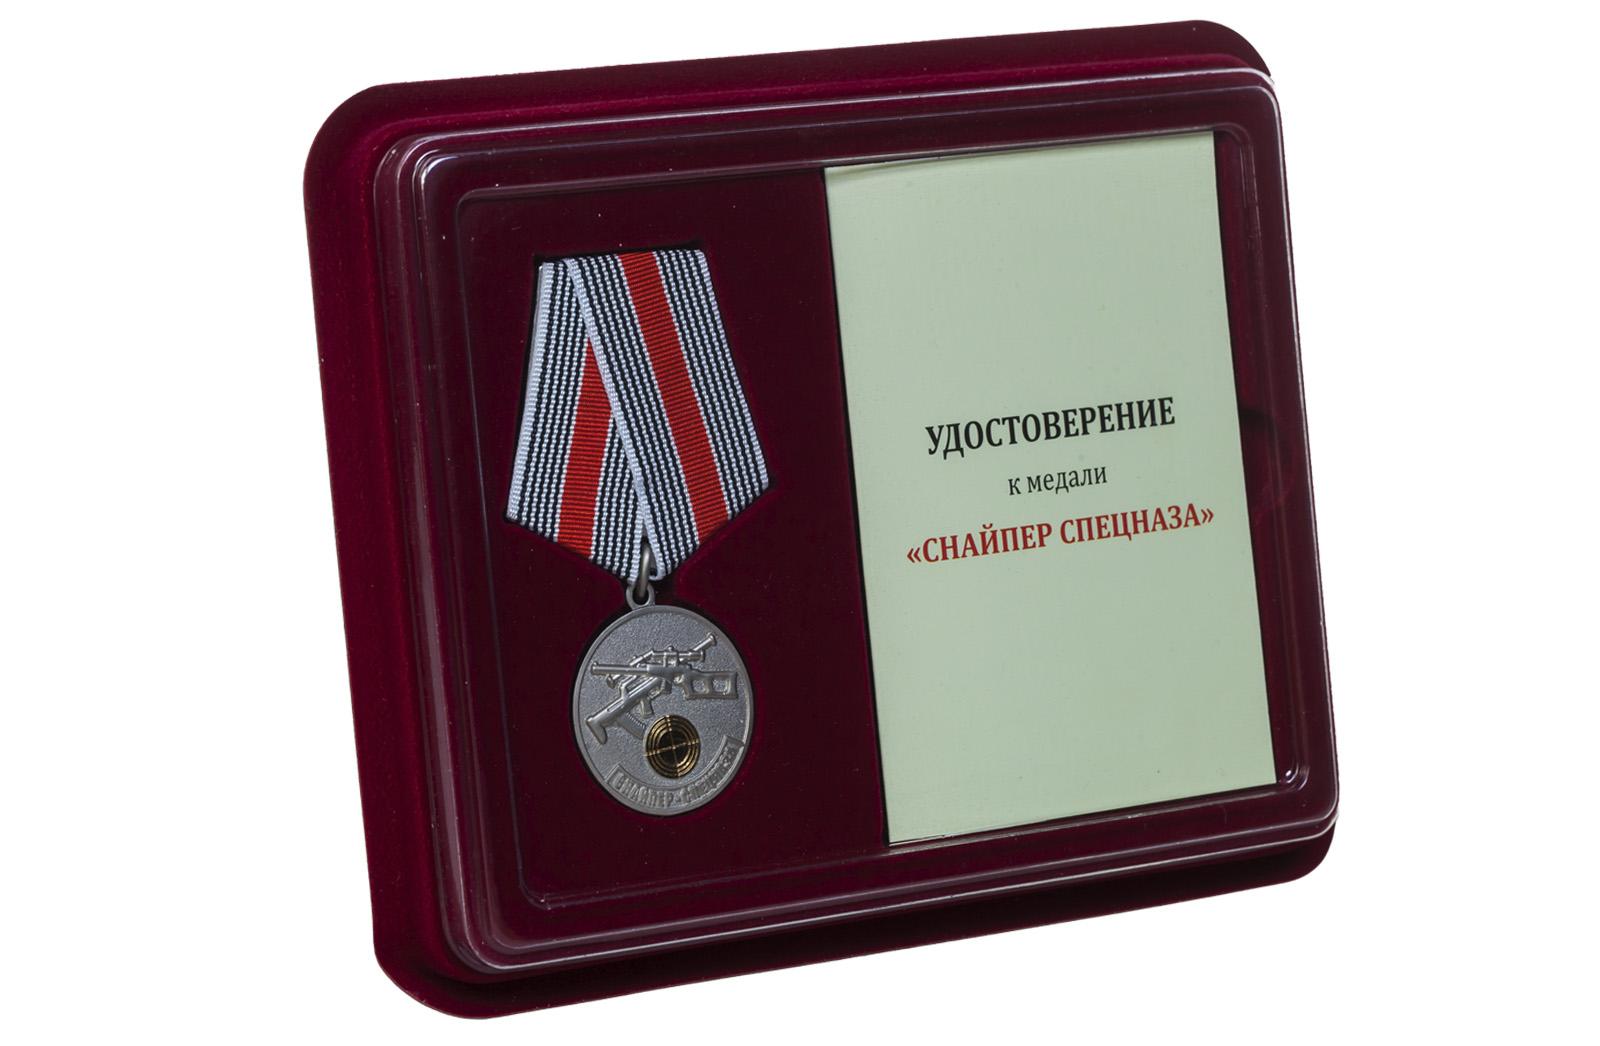 Купить медаль Снайпер спецназа в футляре с удостоверением по выгодной цене